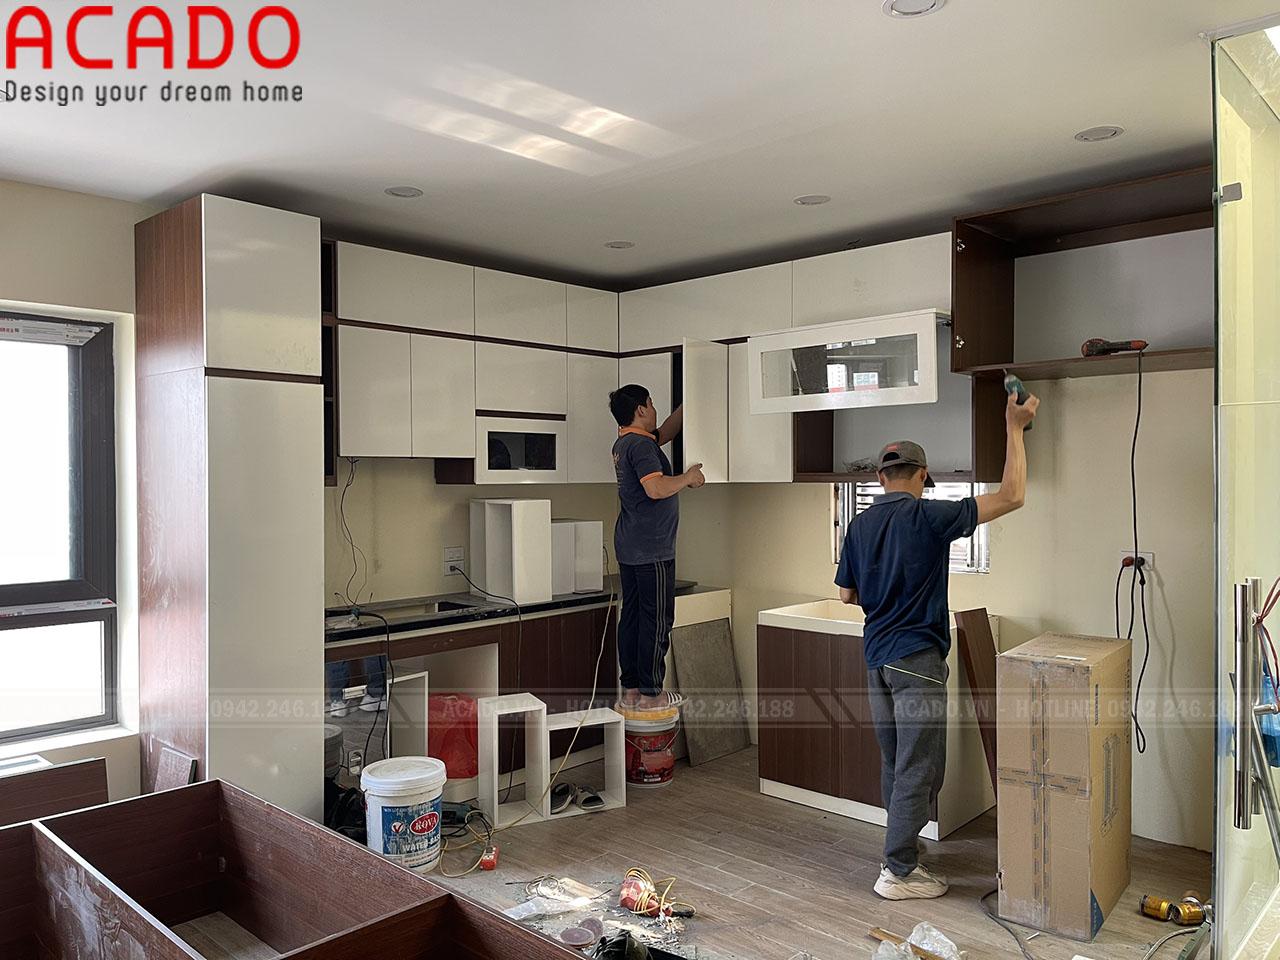 Thợ thi công nội thất ACADO bắt đầu thực hiện quá trình lắp đặt